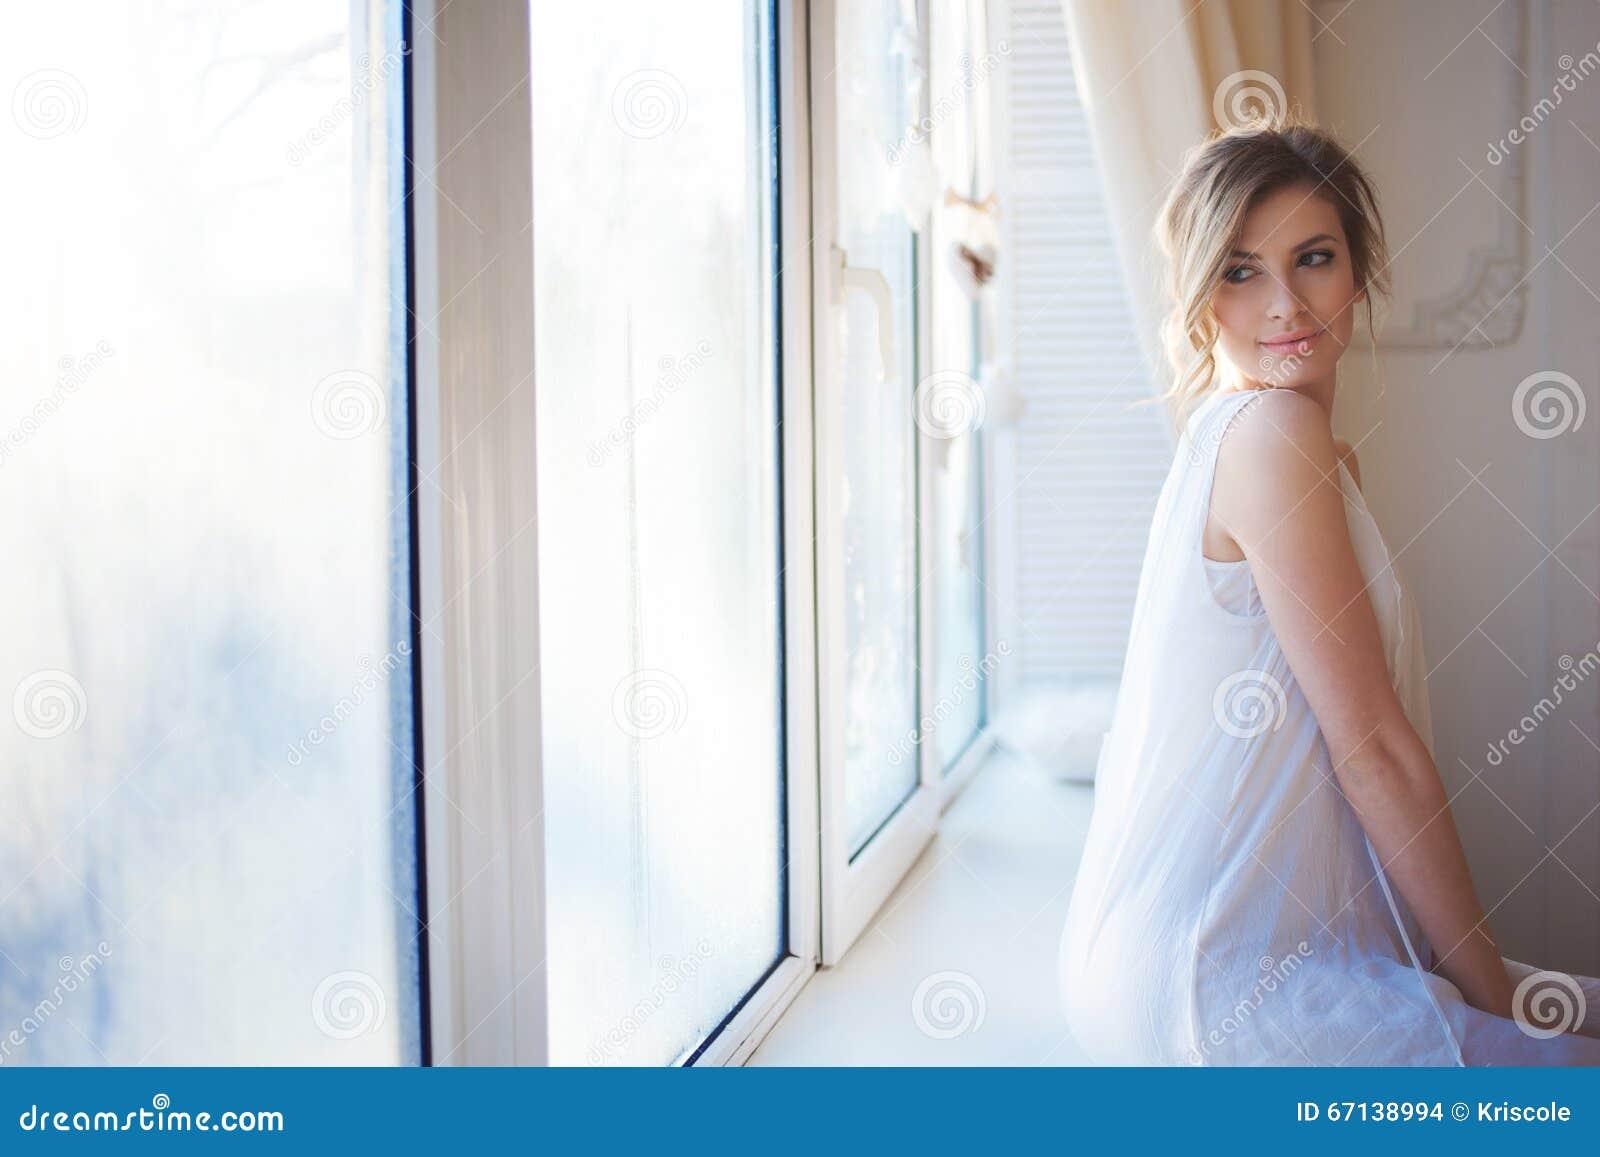 Mujer hermosa con maquillaje diario fresco y el peinado ondulado romántico, sentándose en el alféizar